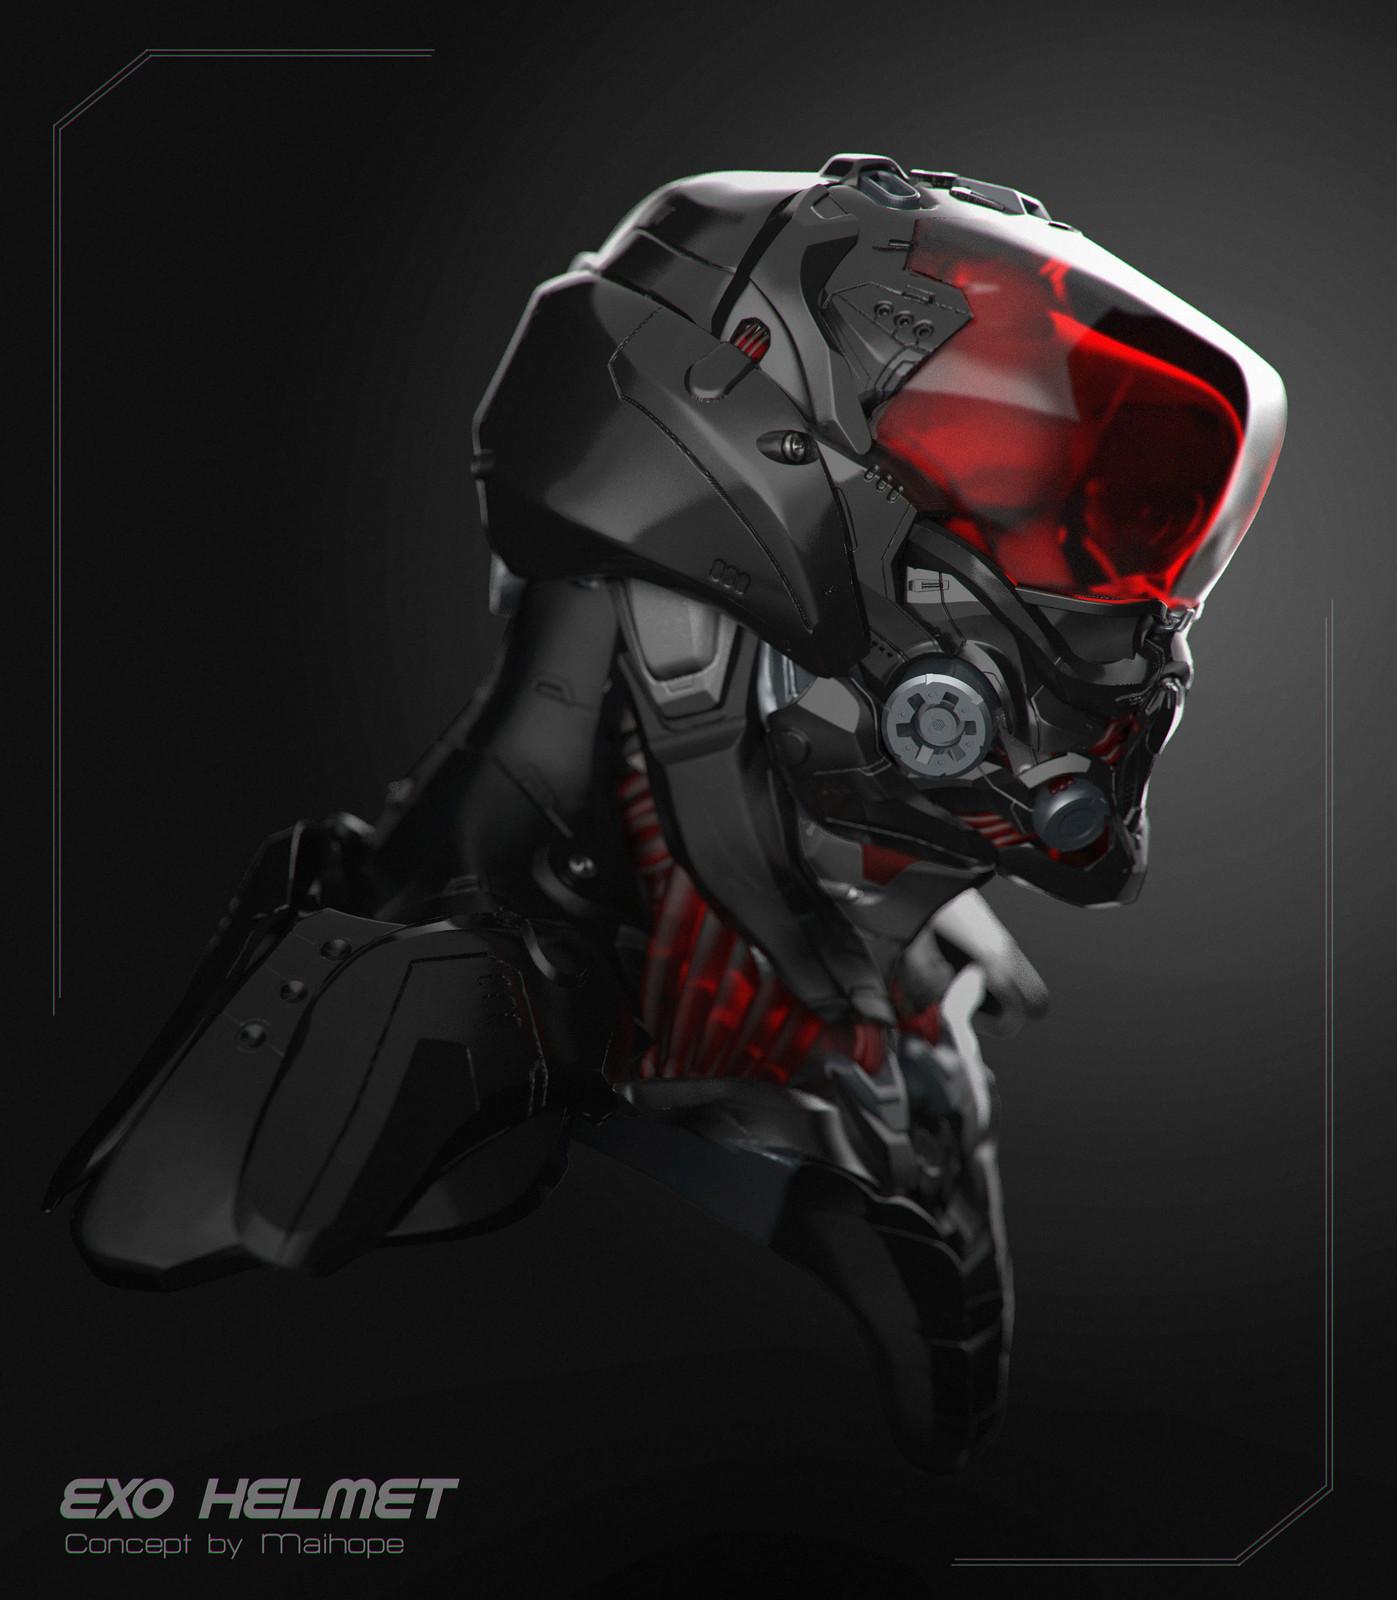 Exo-Helmet Concept